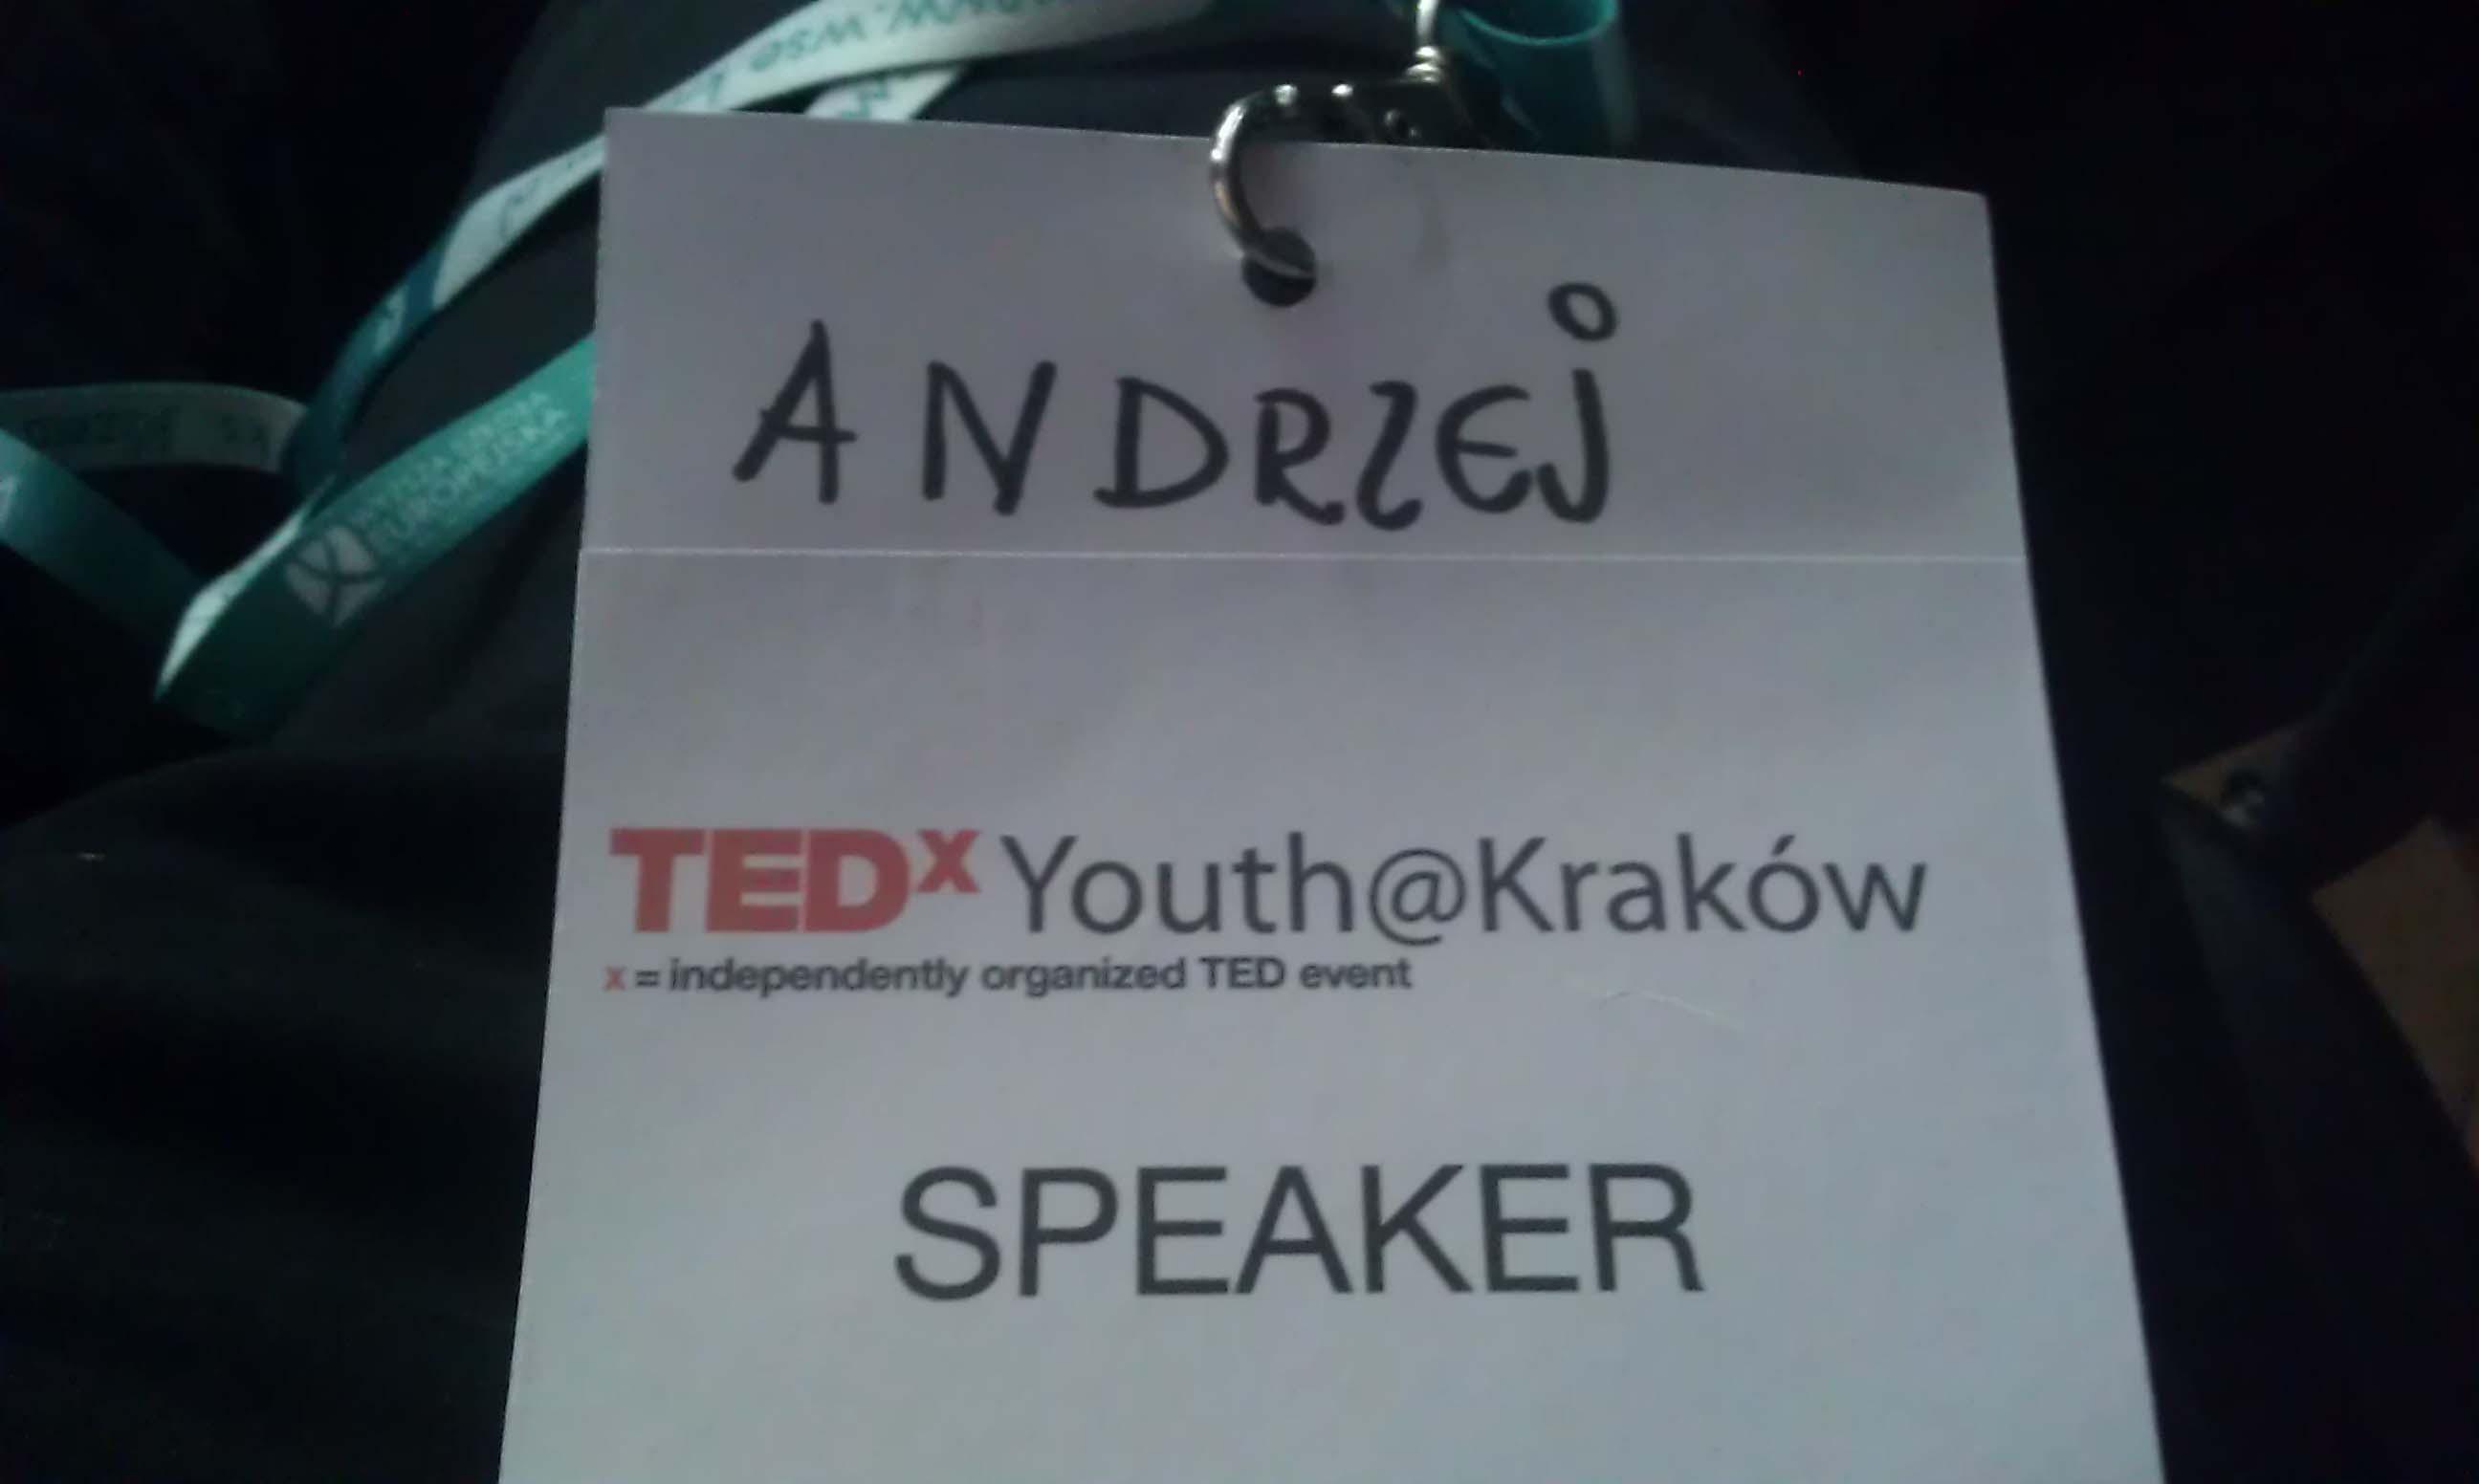 TEDxYouth@Kraków - mójidentyfikator